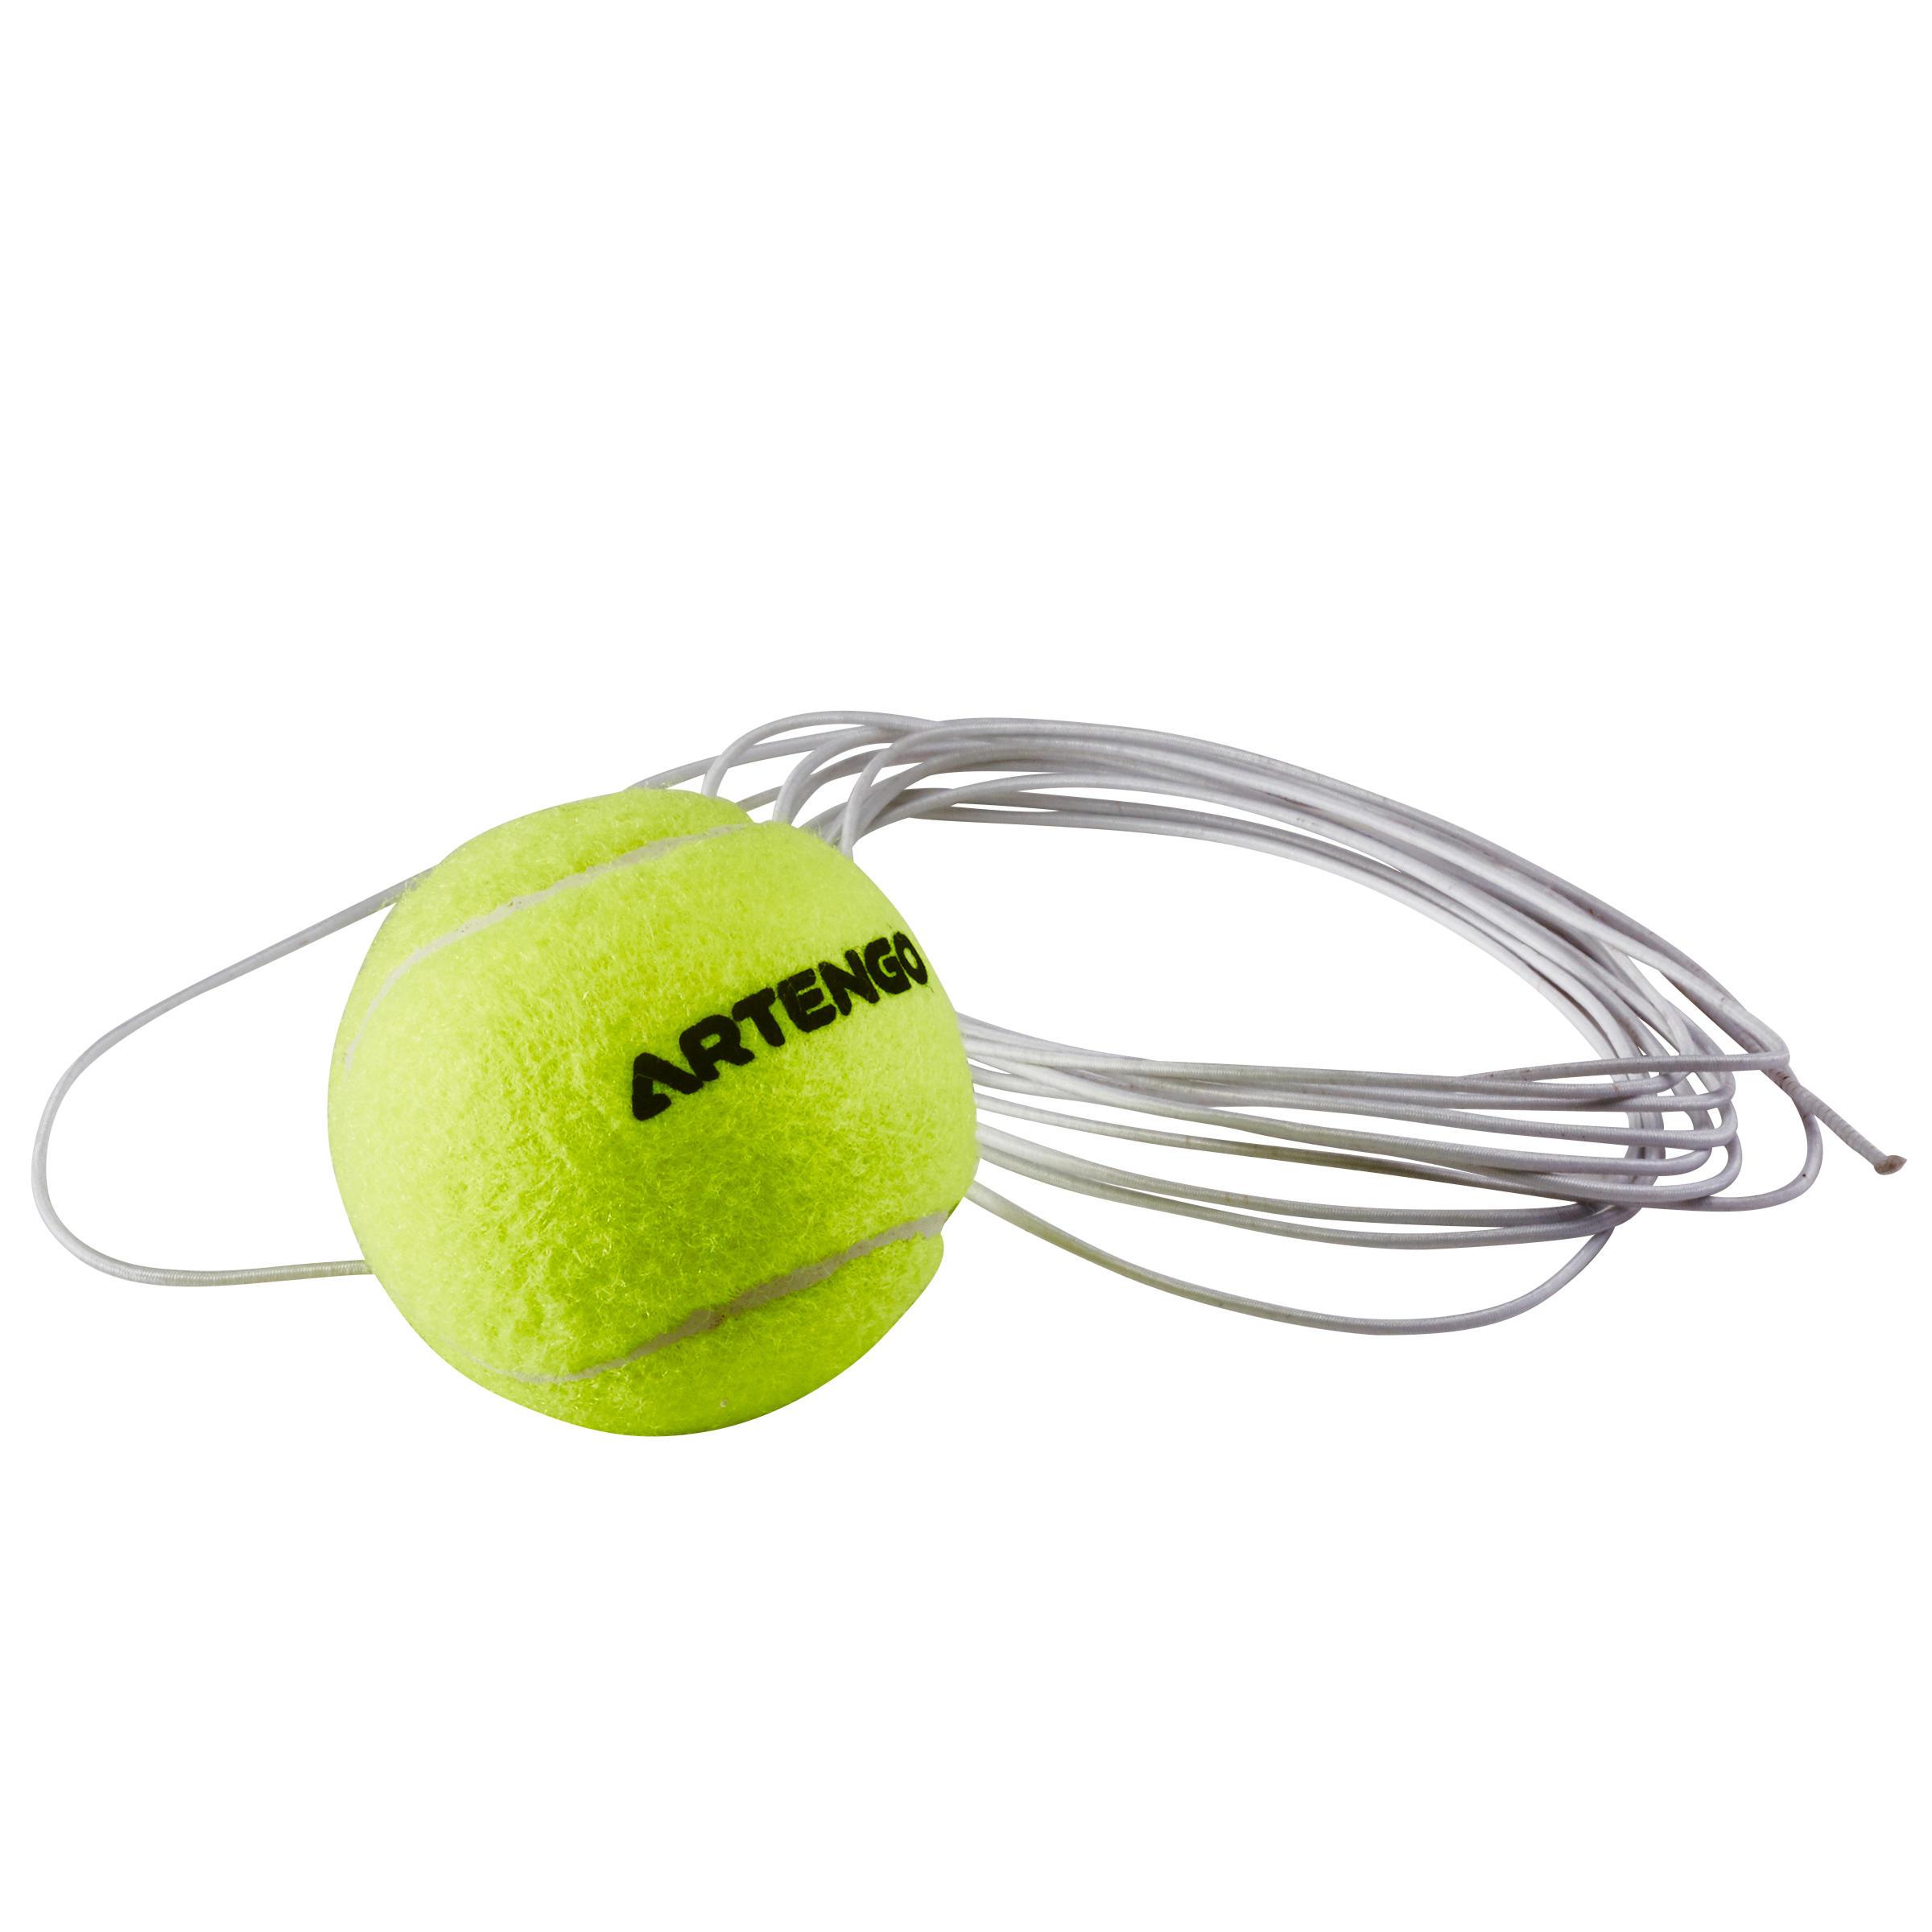 Balle de tennis et élastique pour Tennis trainer « Ball is Back »